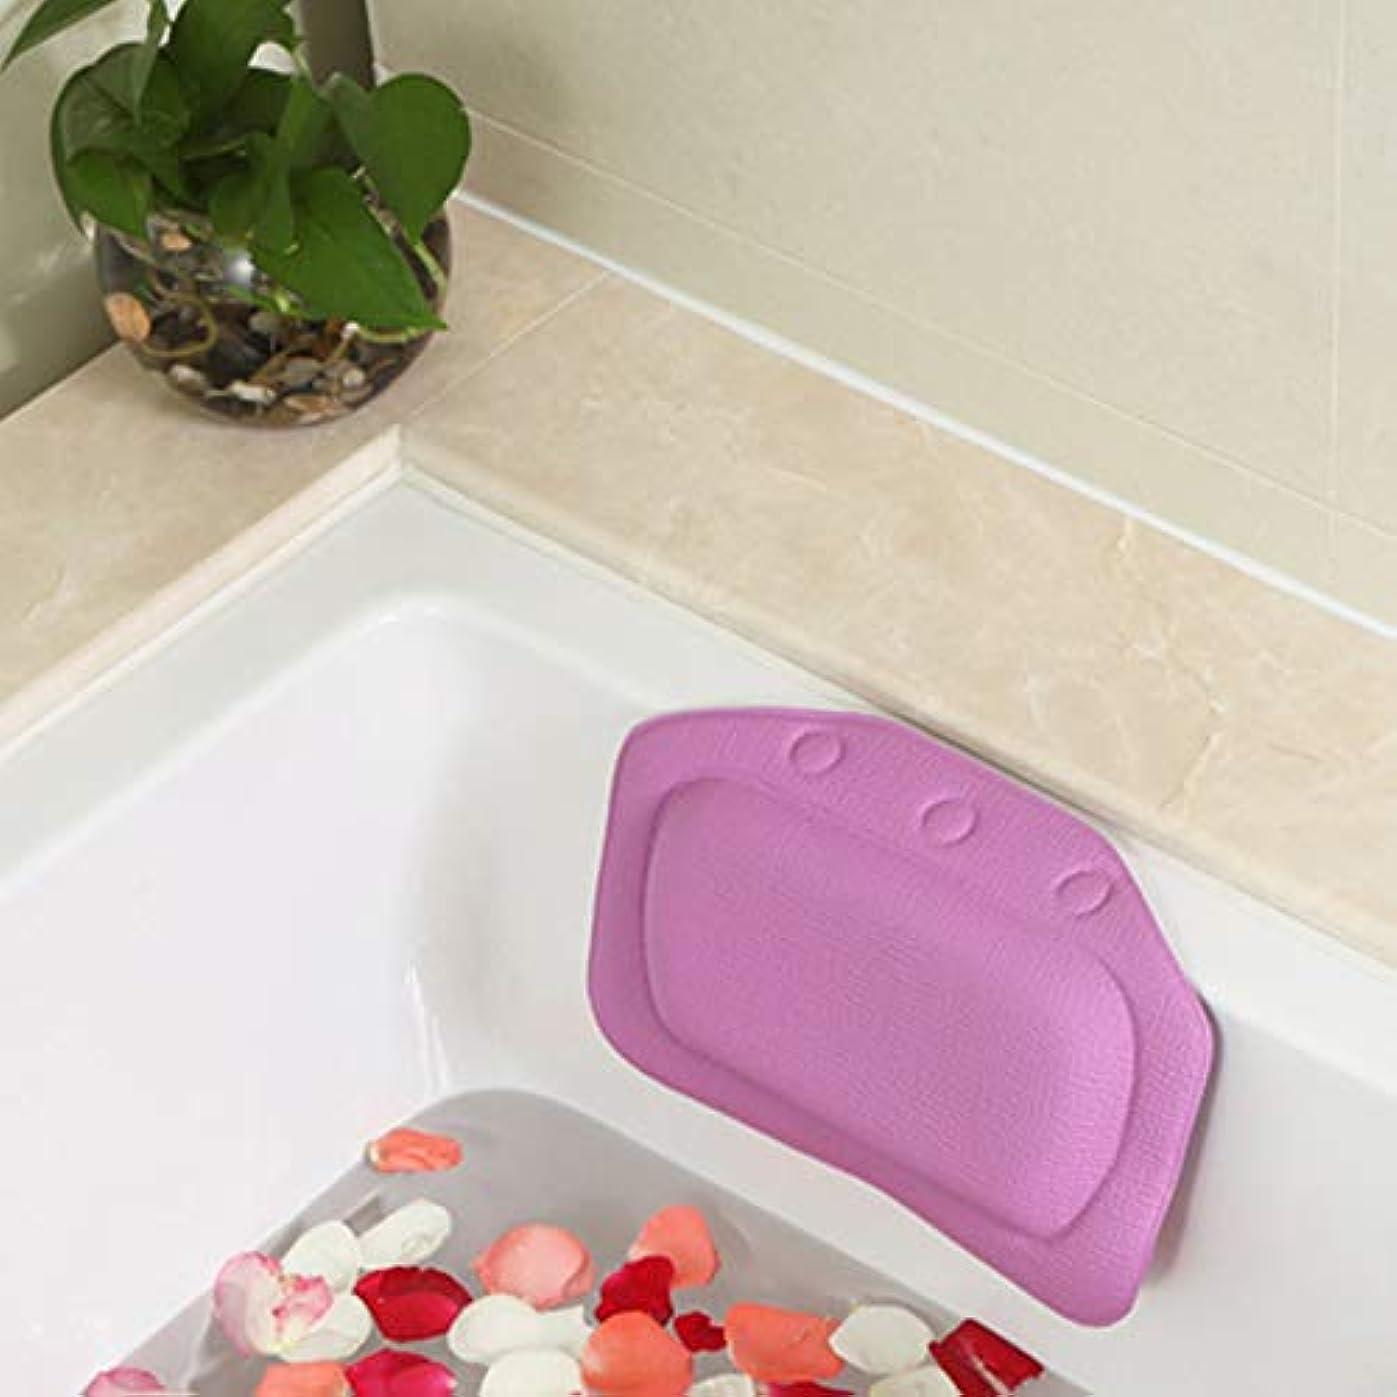 交じるシティビール柔らかいpvc発泡スポンジ風呂枕防水ヘッドレストクッション付き浴室シャワー浴槽リラックスアクセサリー,Purple